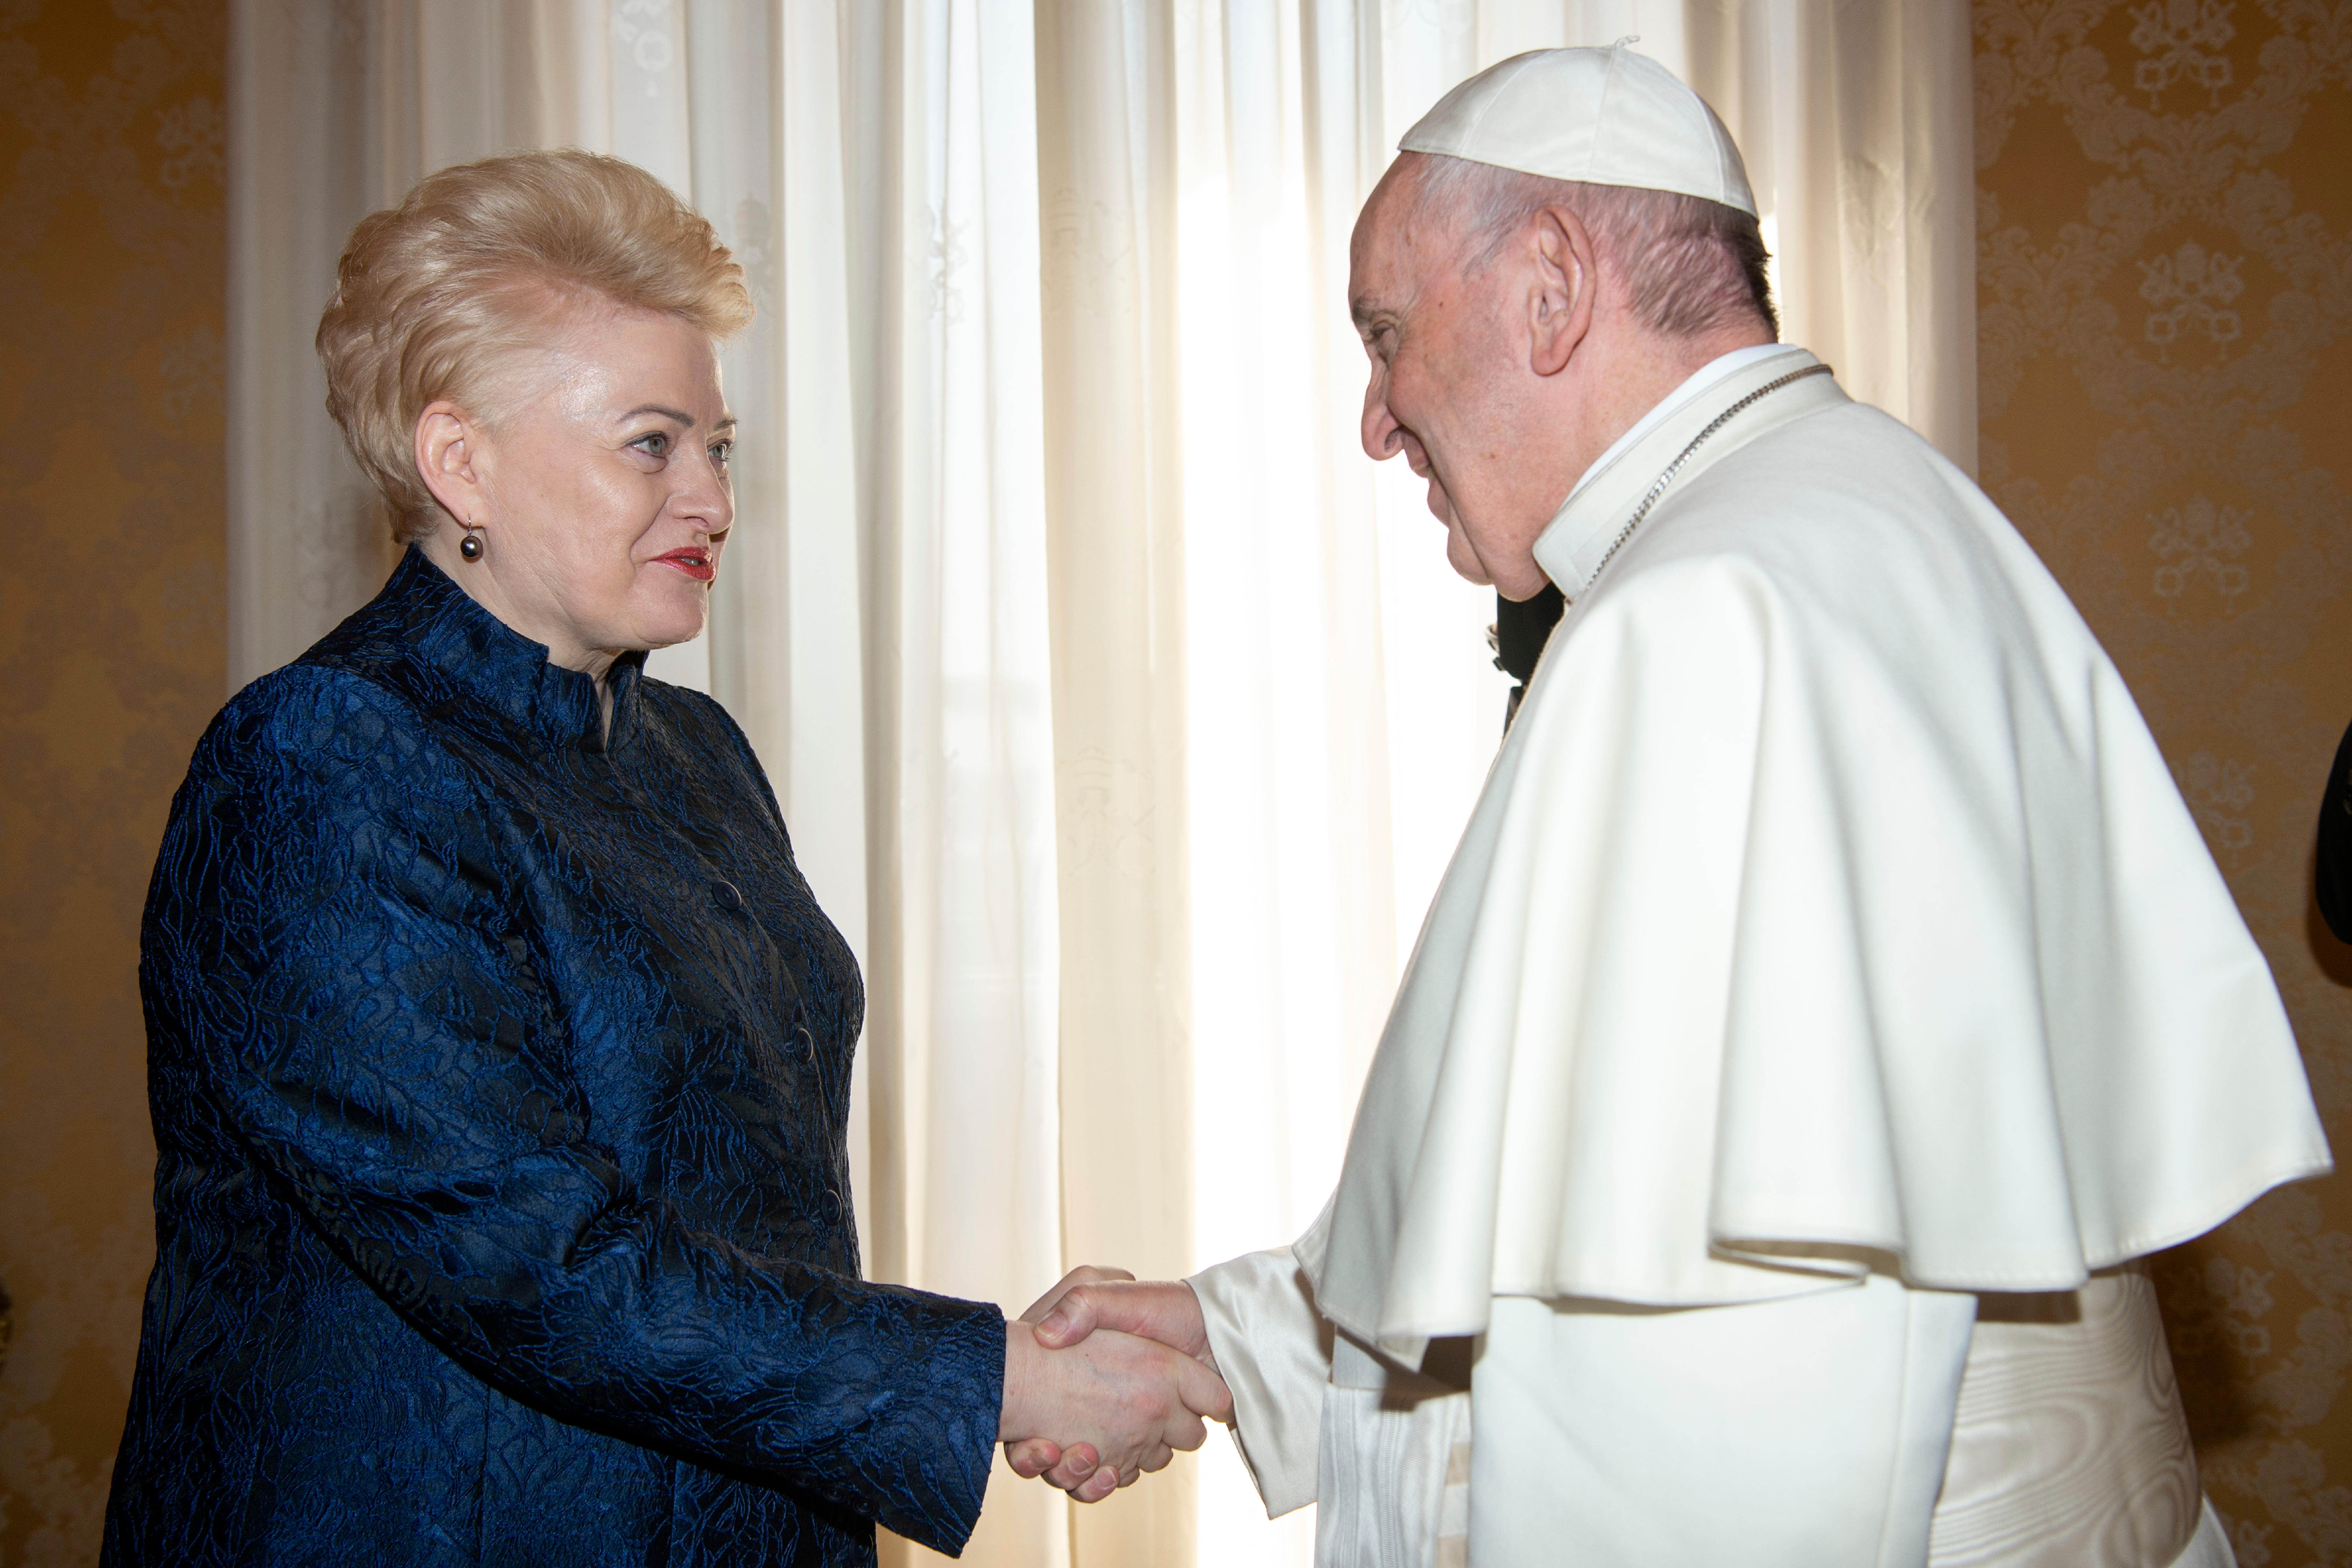 El Papa recibe a la Presidenta de Lituania © Vatican Media